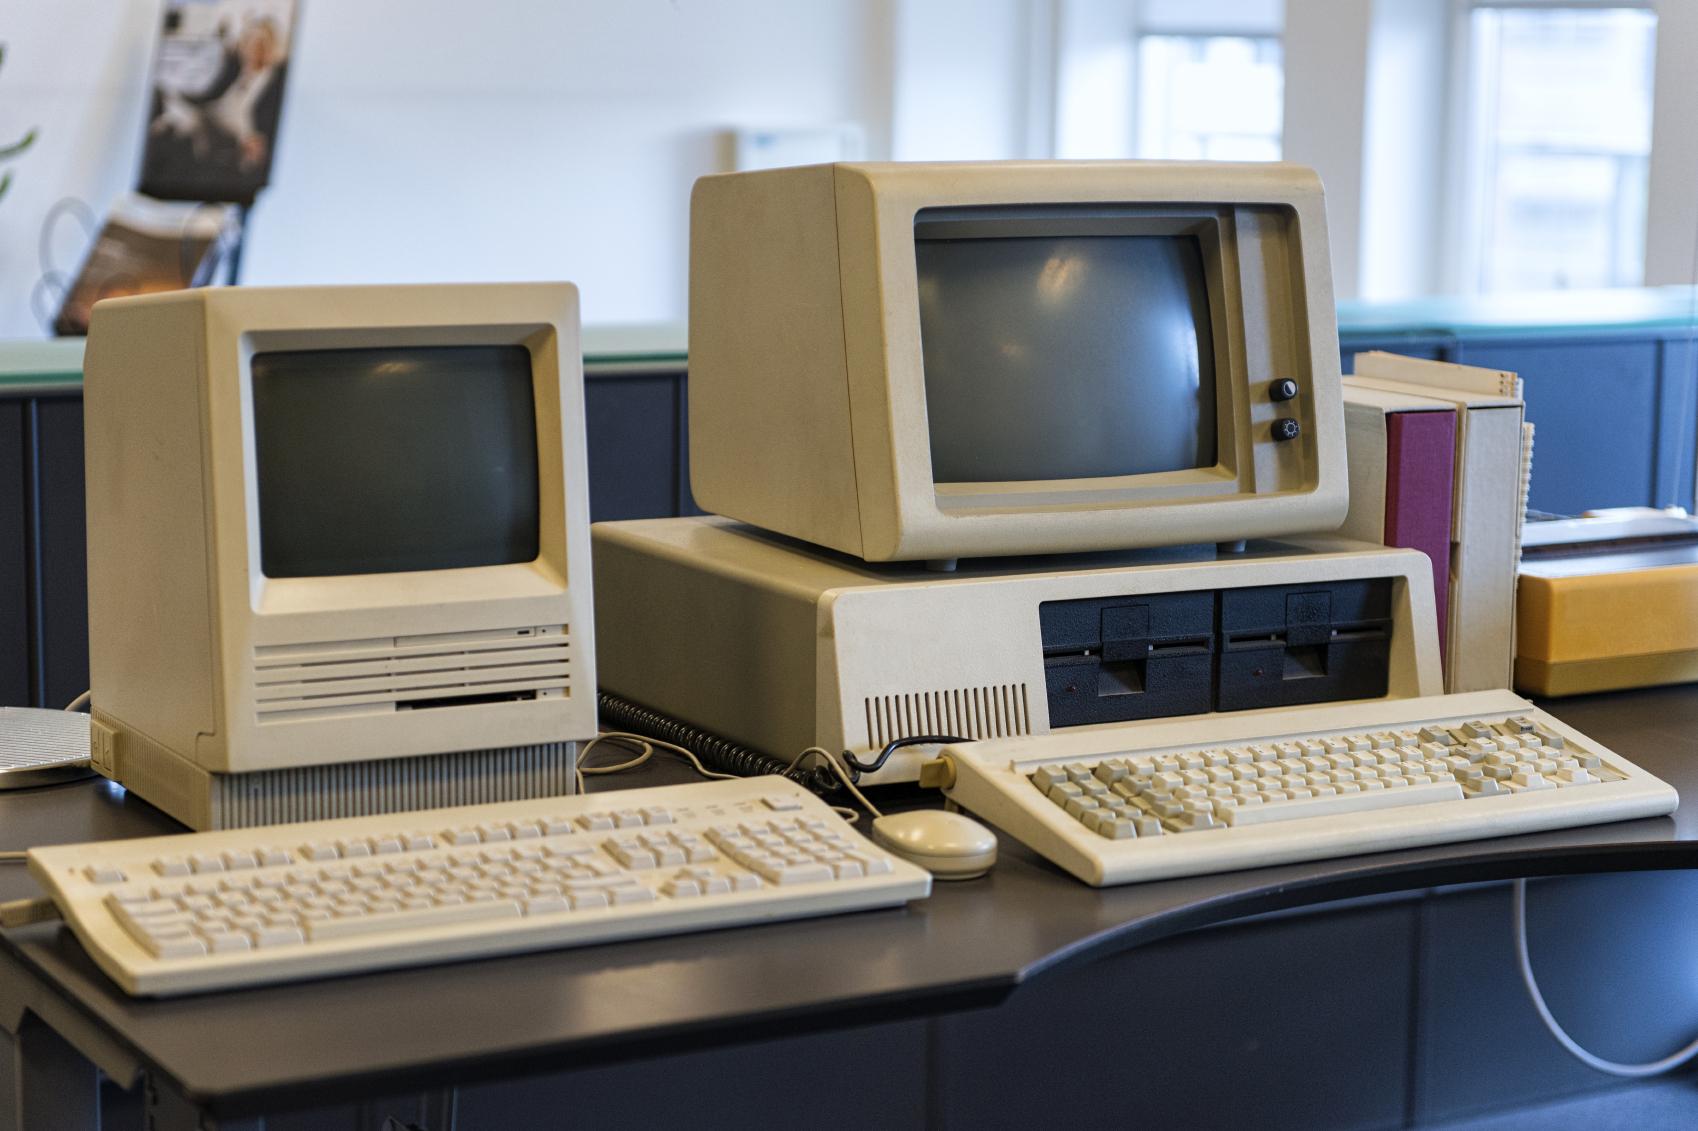 old_computers.jpg